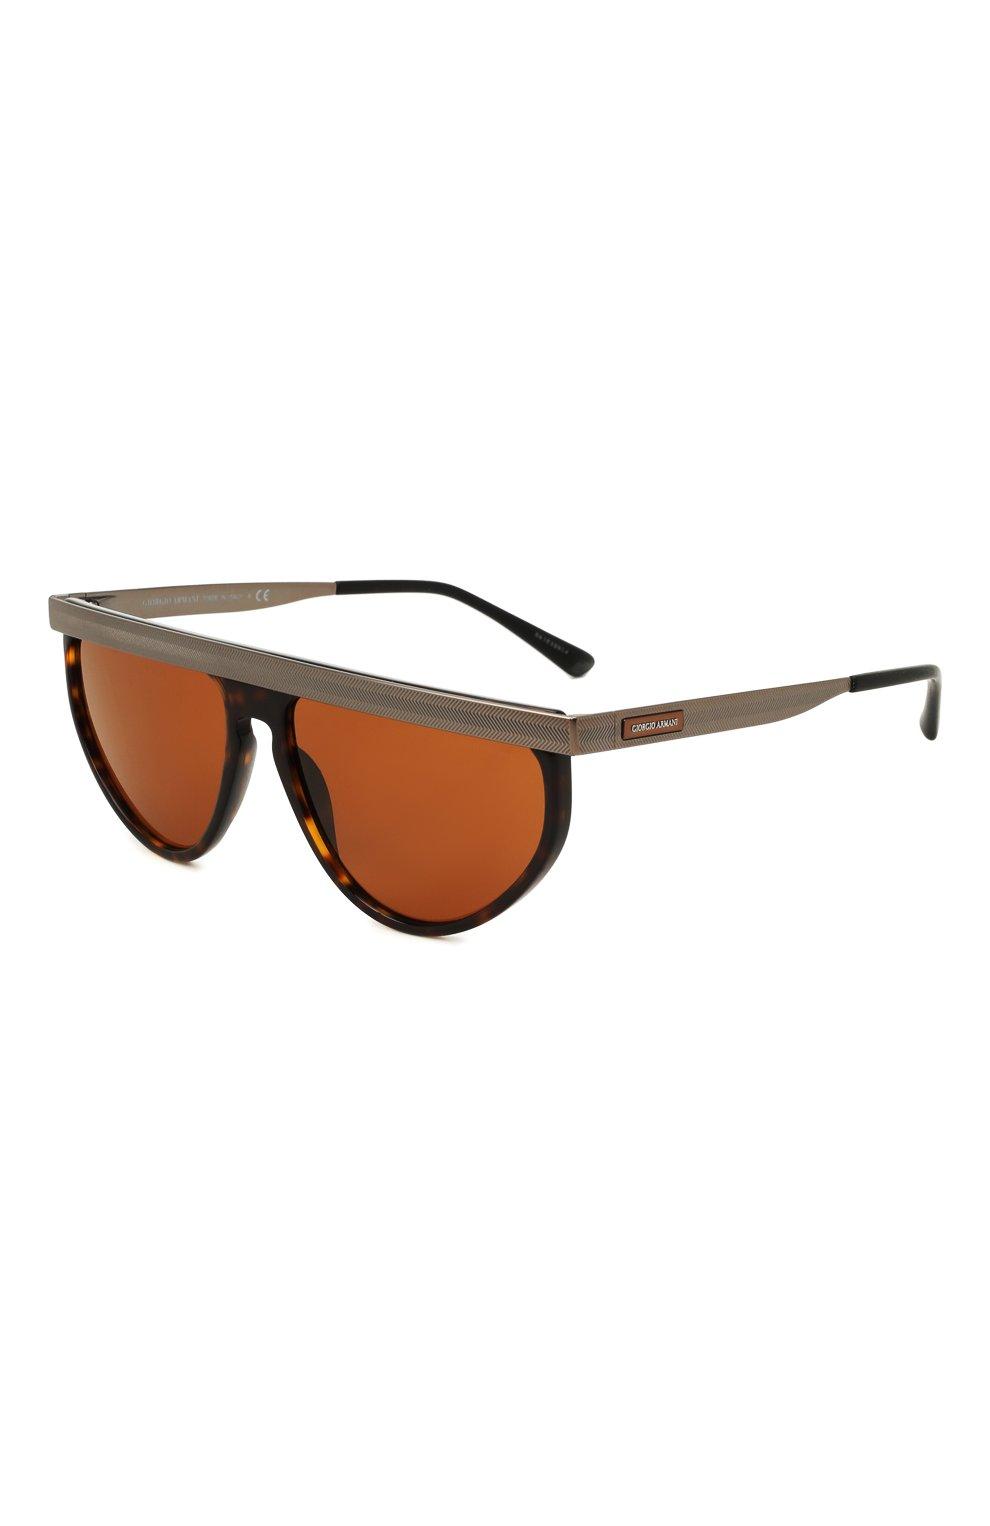 Мужские солнцезащитные очки GIORGIO ARMANI коричневого цвета, арт. AR6117 | Фото 1